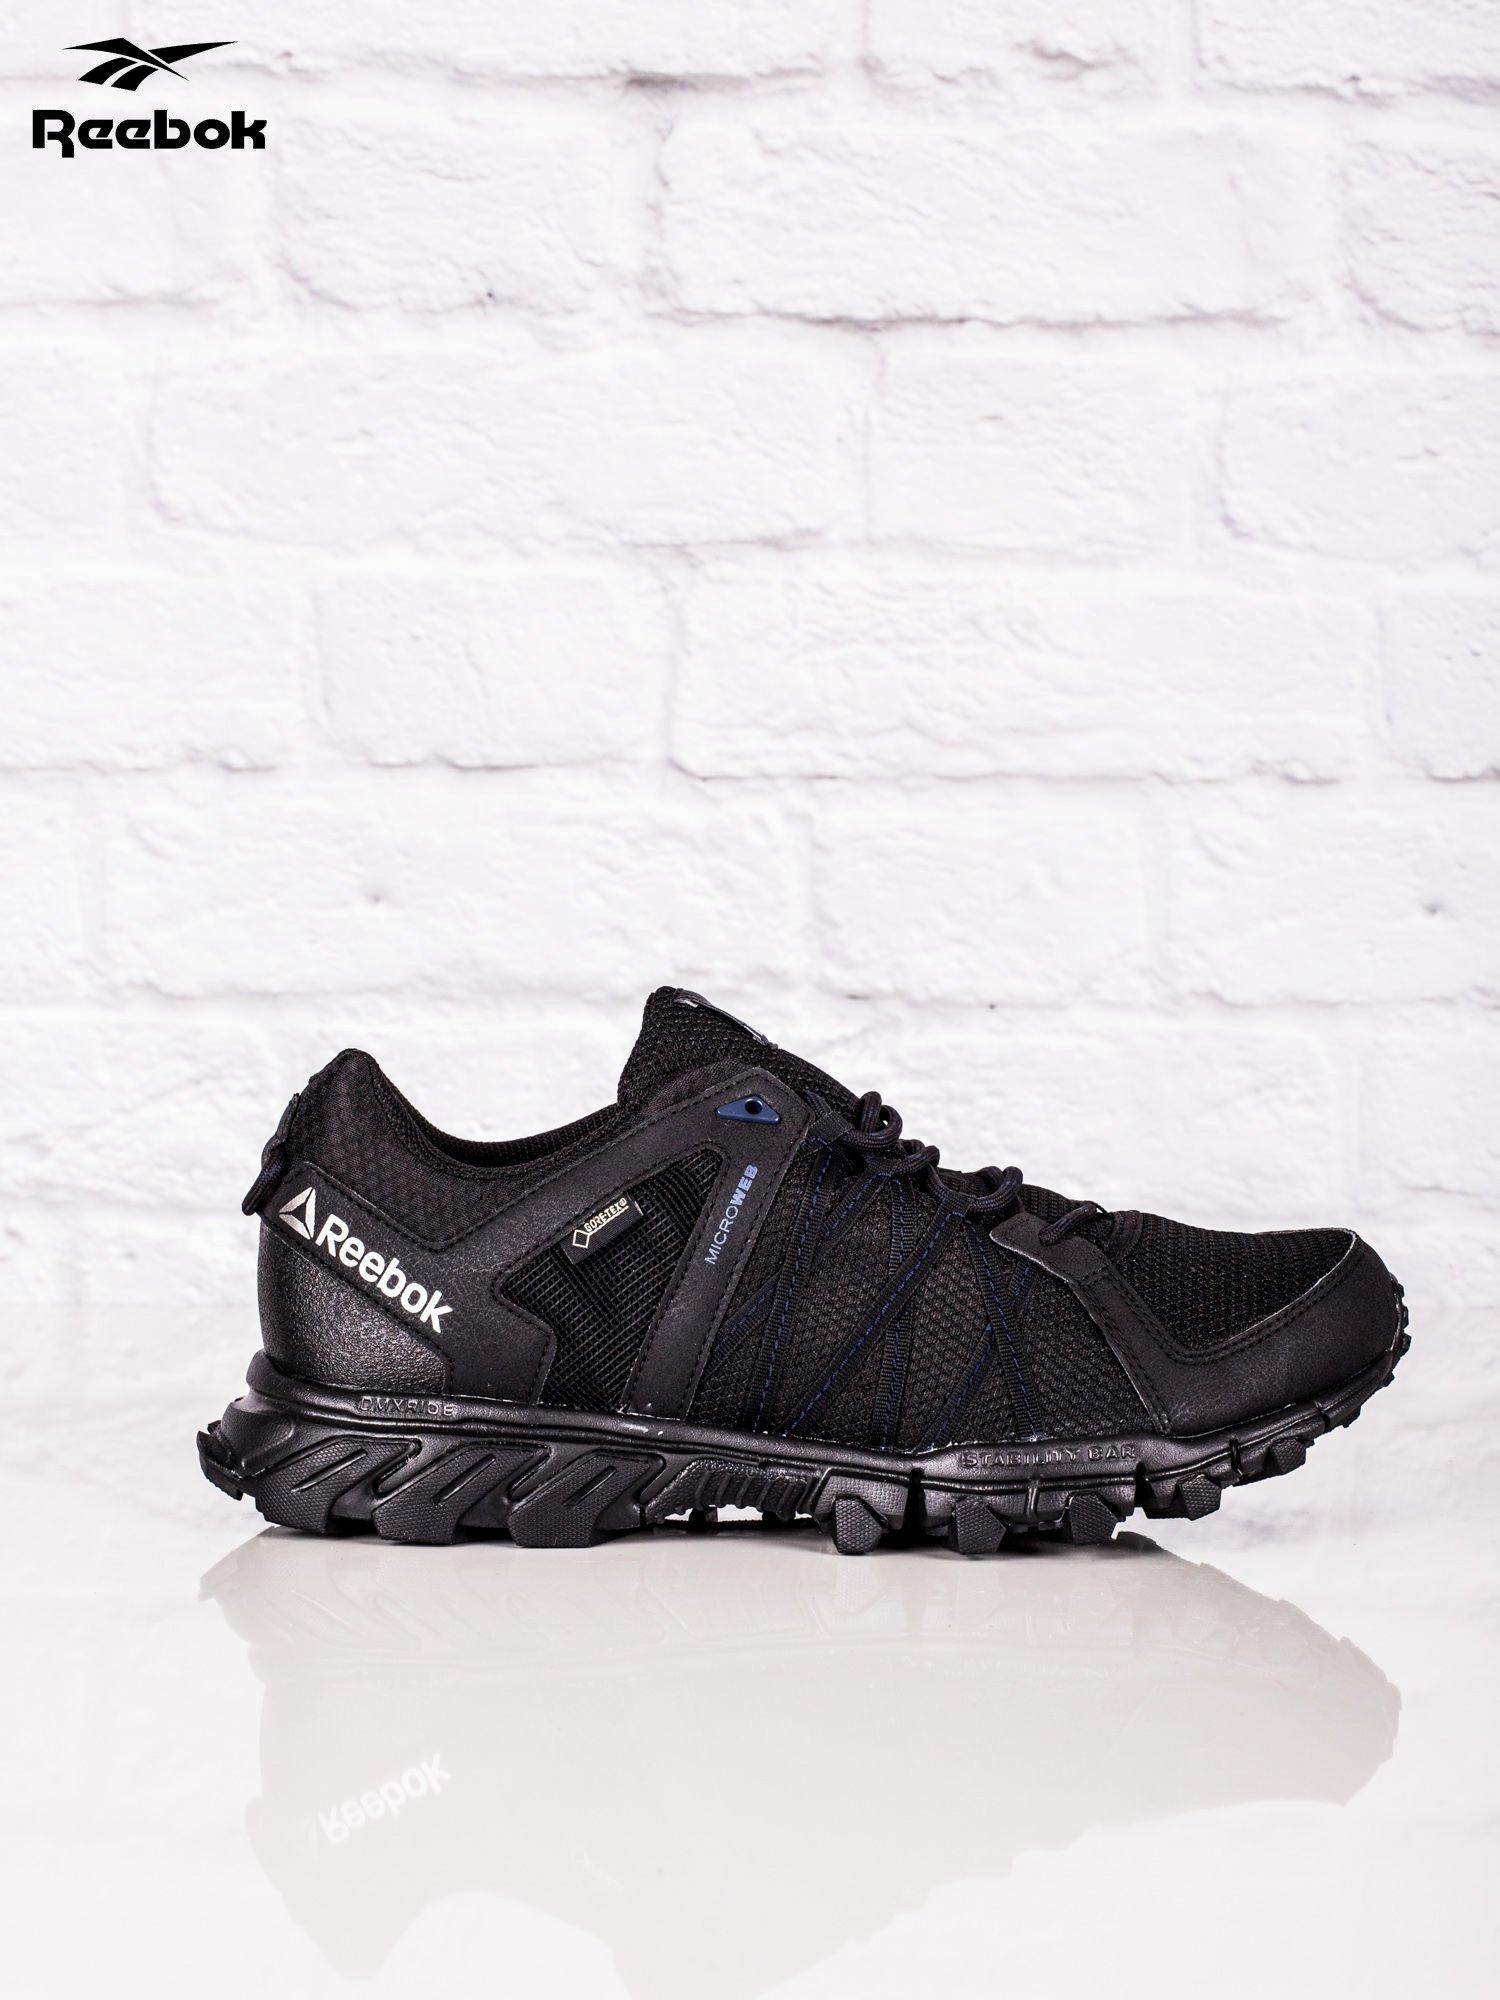 e2cfcc754a9ac0 REEBOK Czarne buty sportowe męskie Trailgrip RS 5.0 GTX - Mężczyźni ...